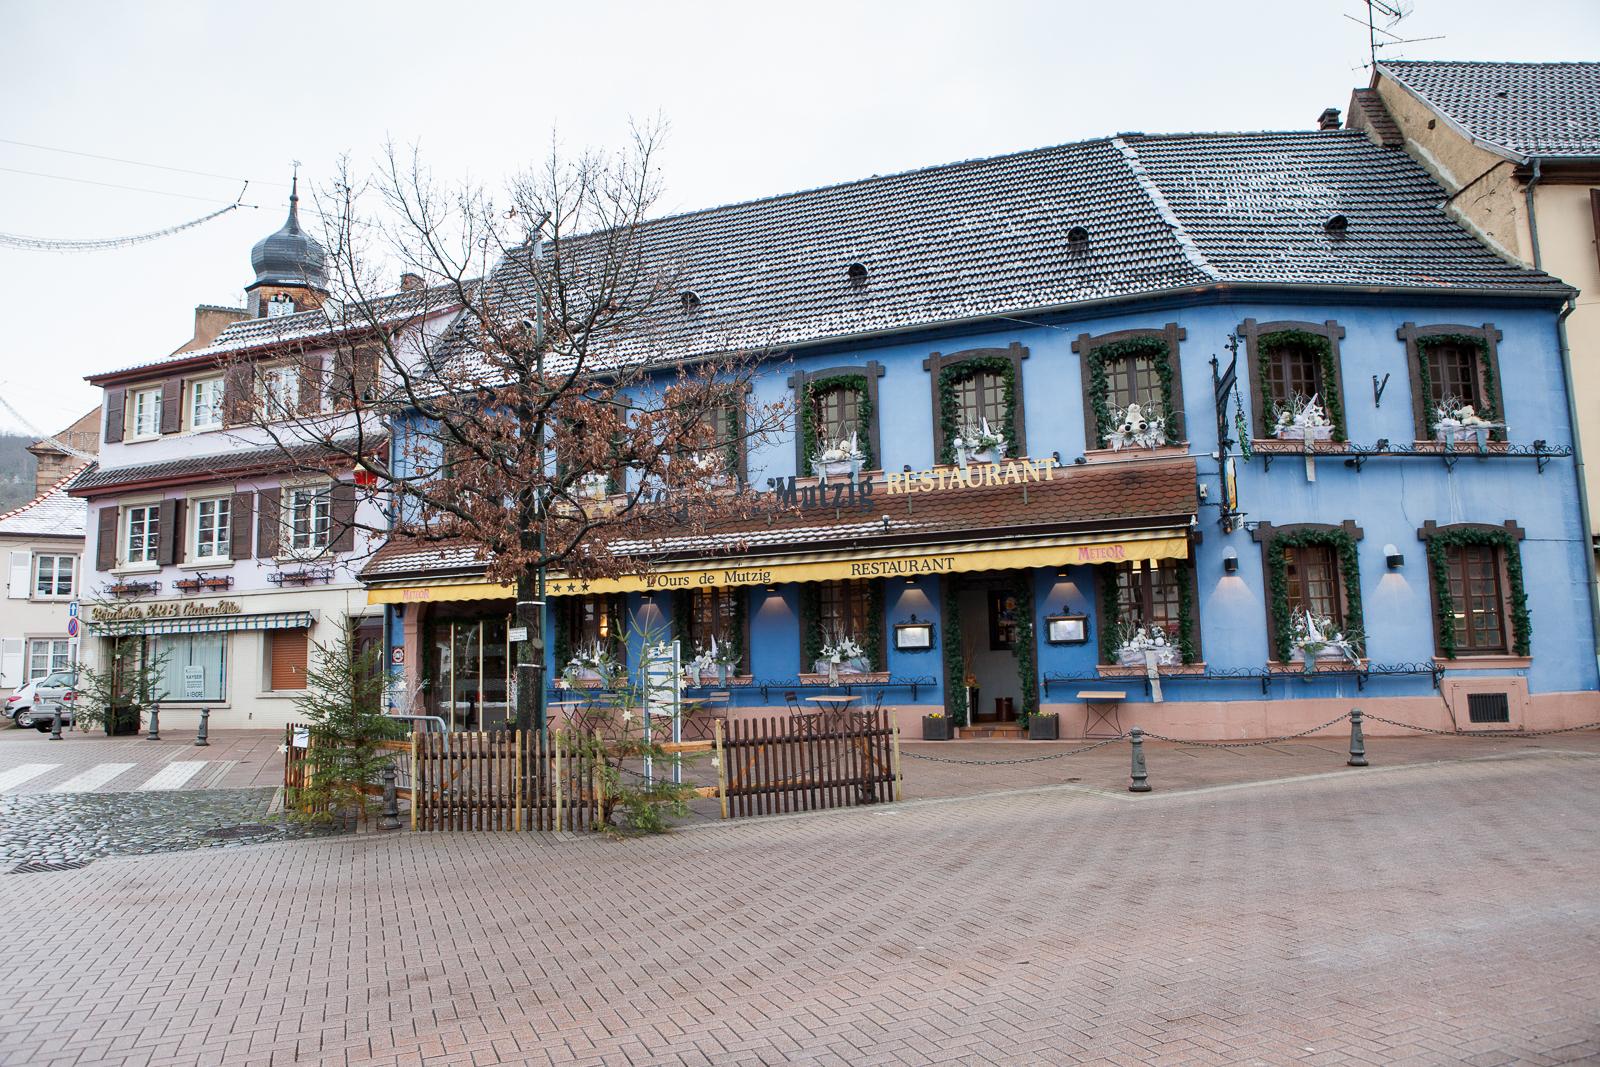 Dag02-Alsace-012-IMG_45805